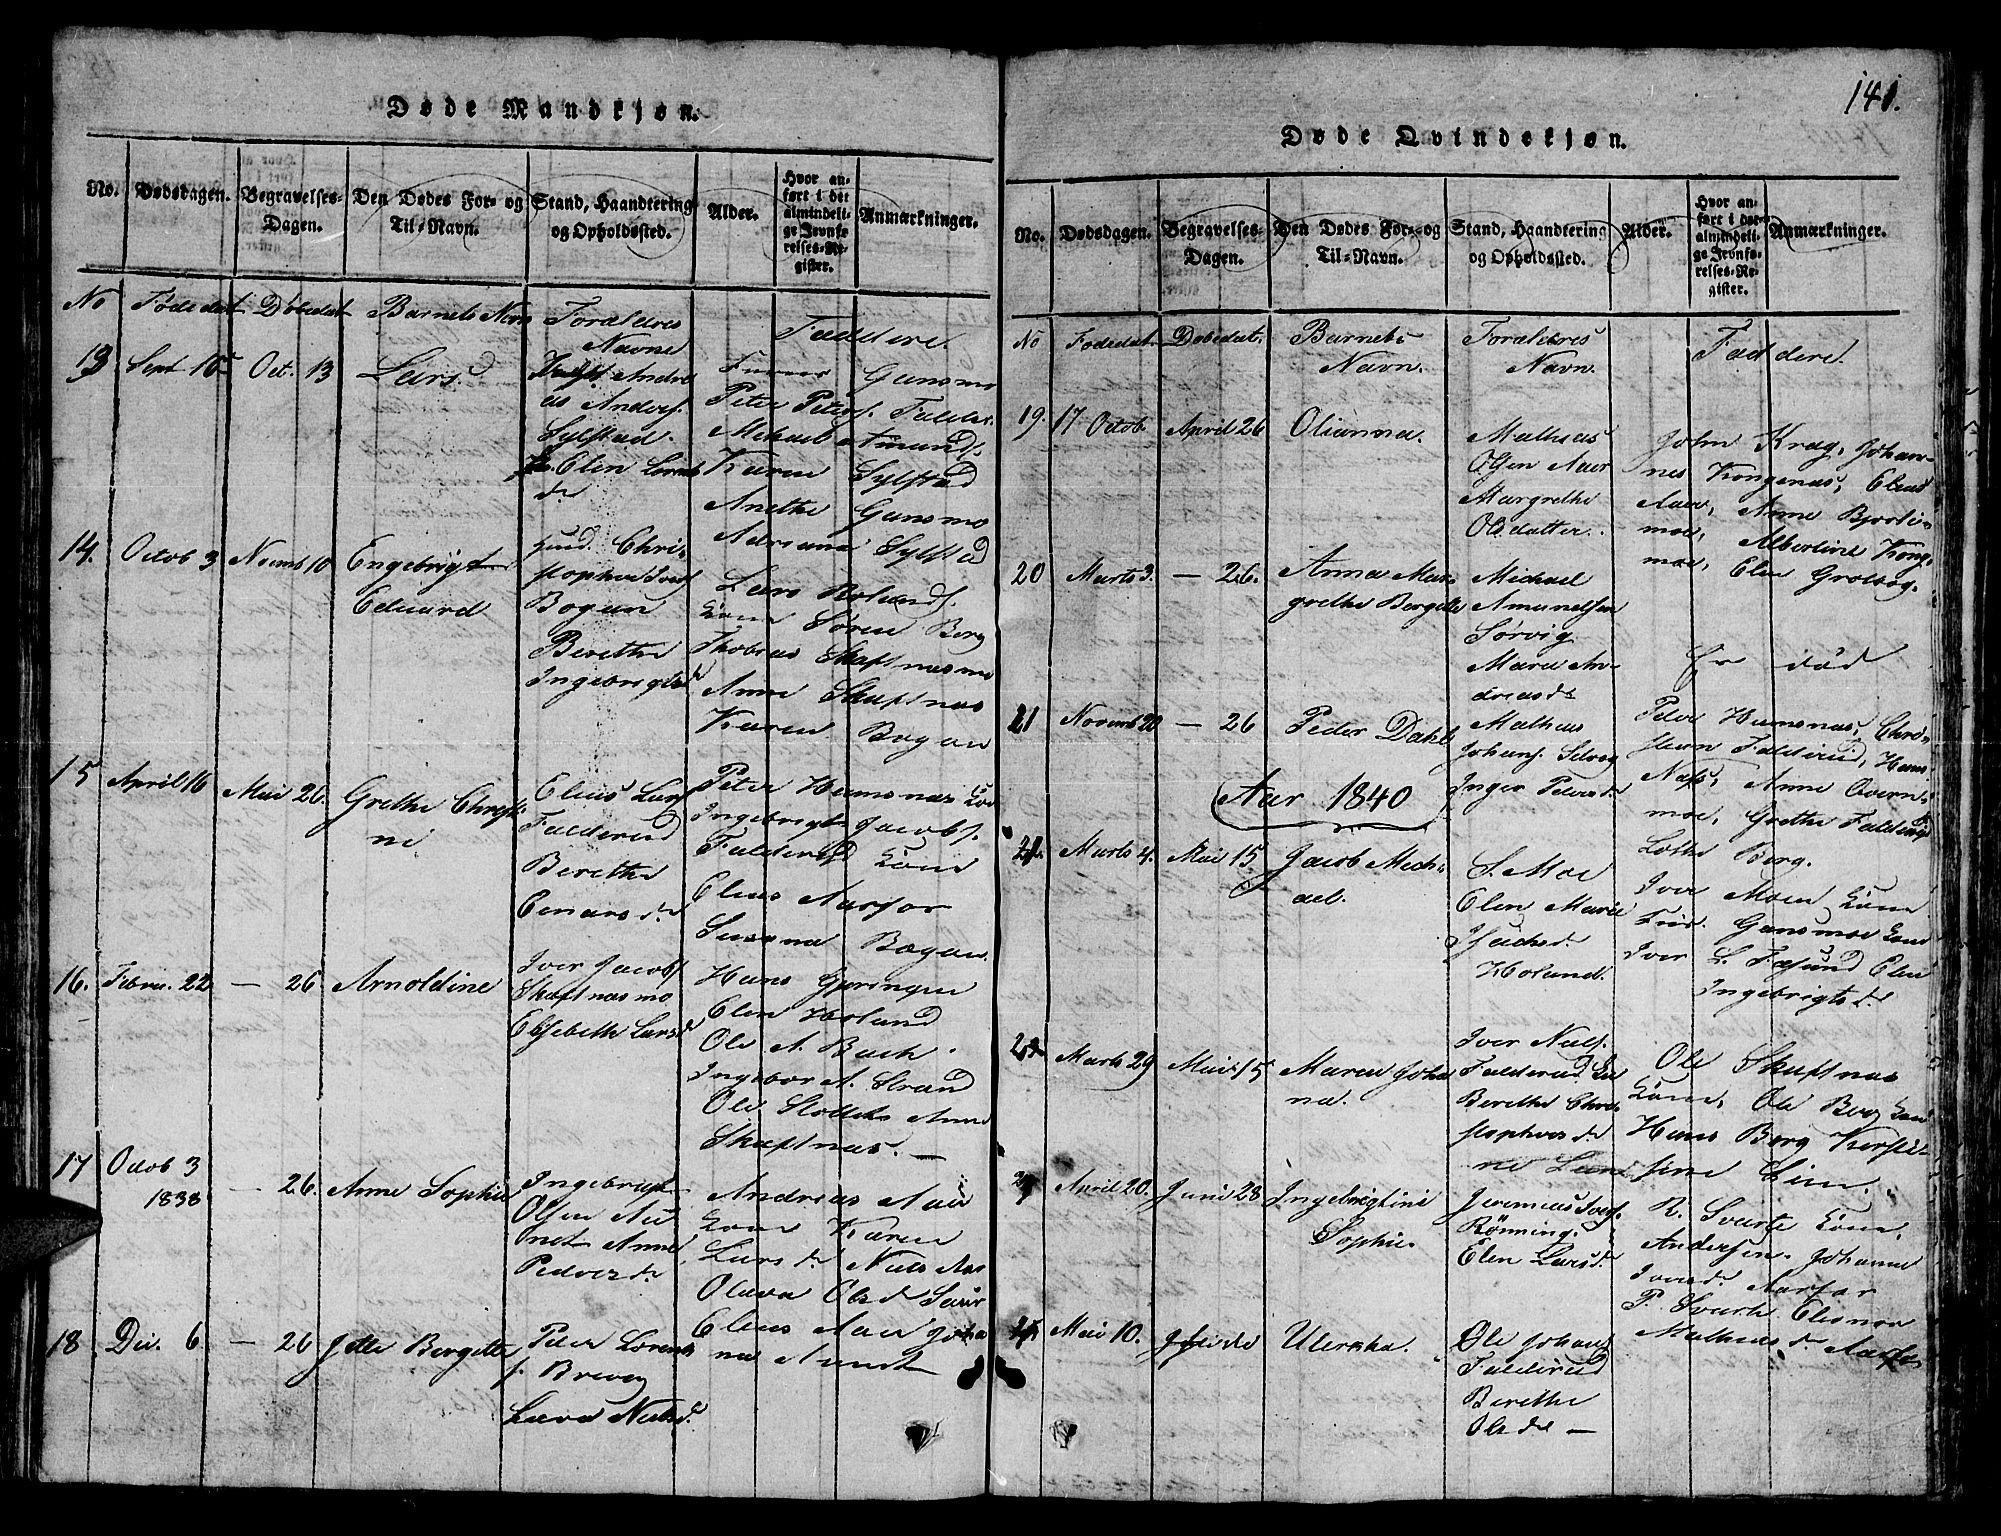 SAT, Ministerialprotokoller, klokkerbøker og fødselsregistre - Nord-Trøndelag, 780/L0648: Klokkerbok nr. 780C01 /3, 1815-1877, s. 141